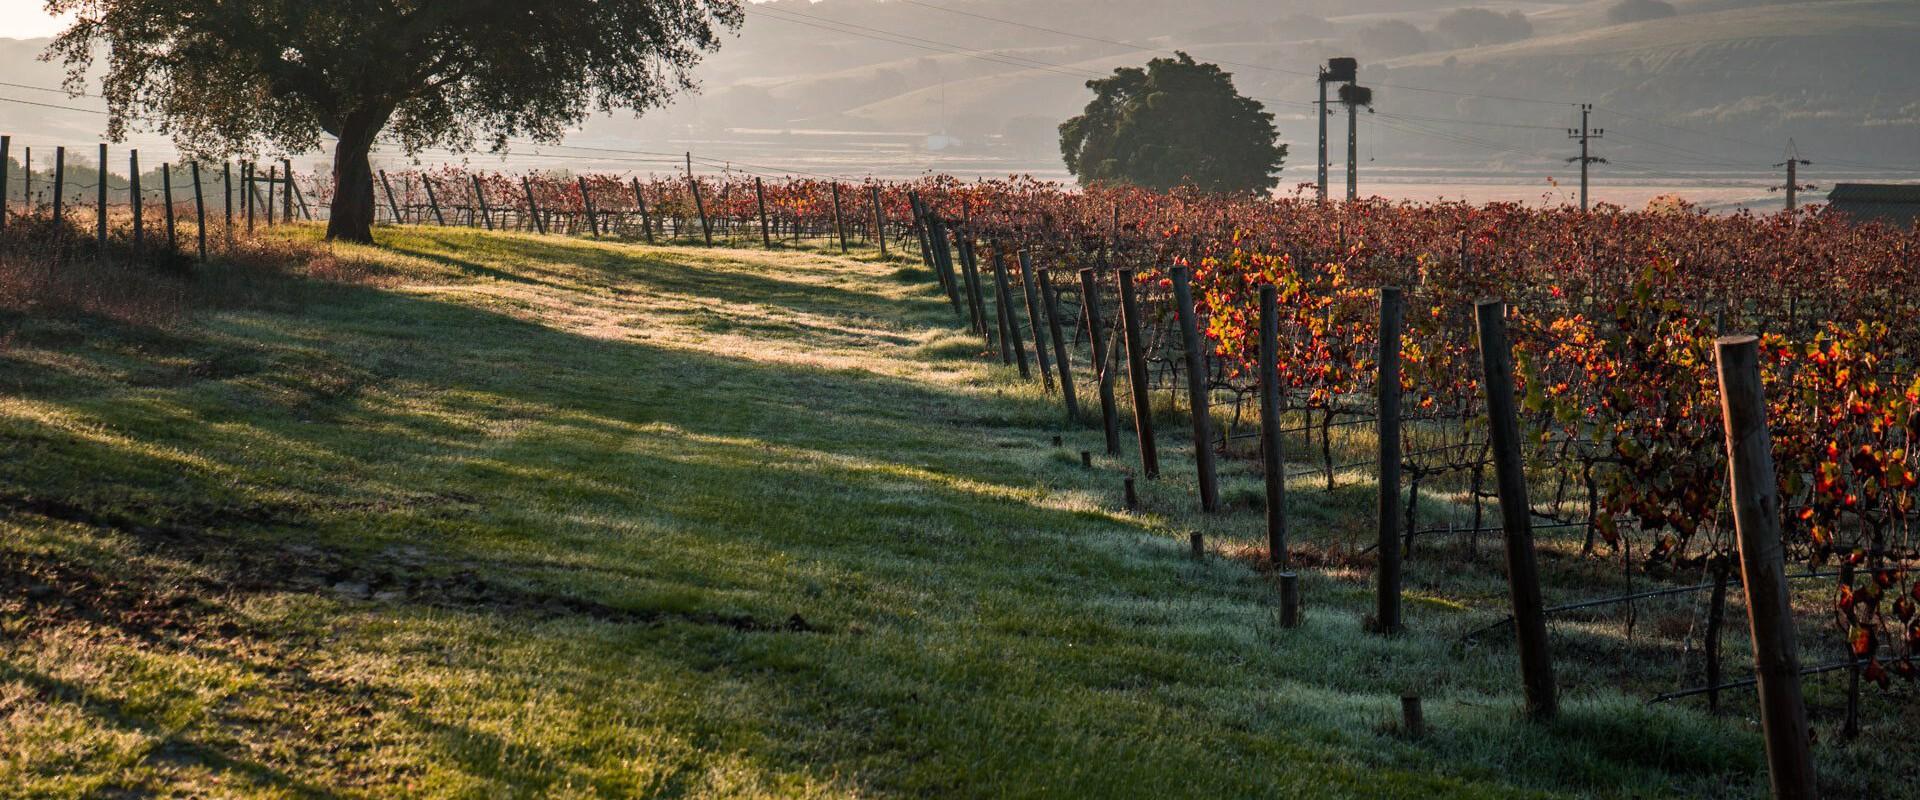 Wijnen uit de natuur